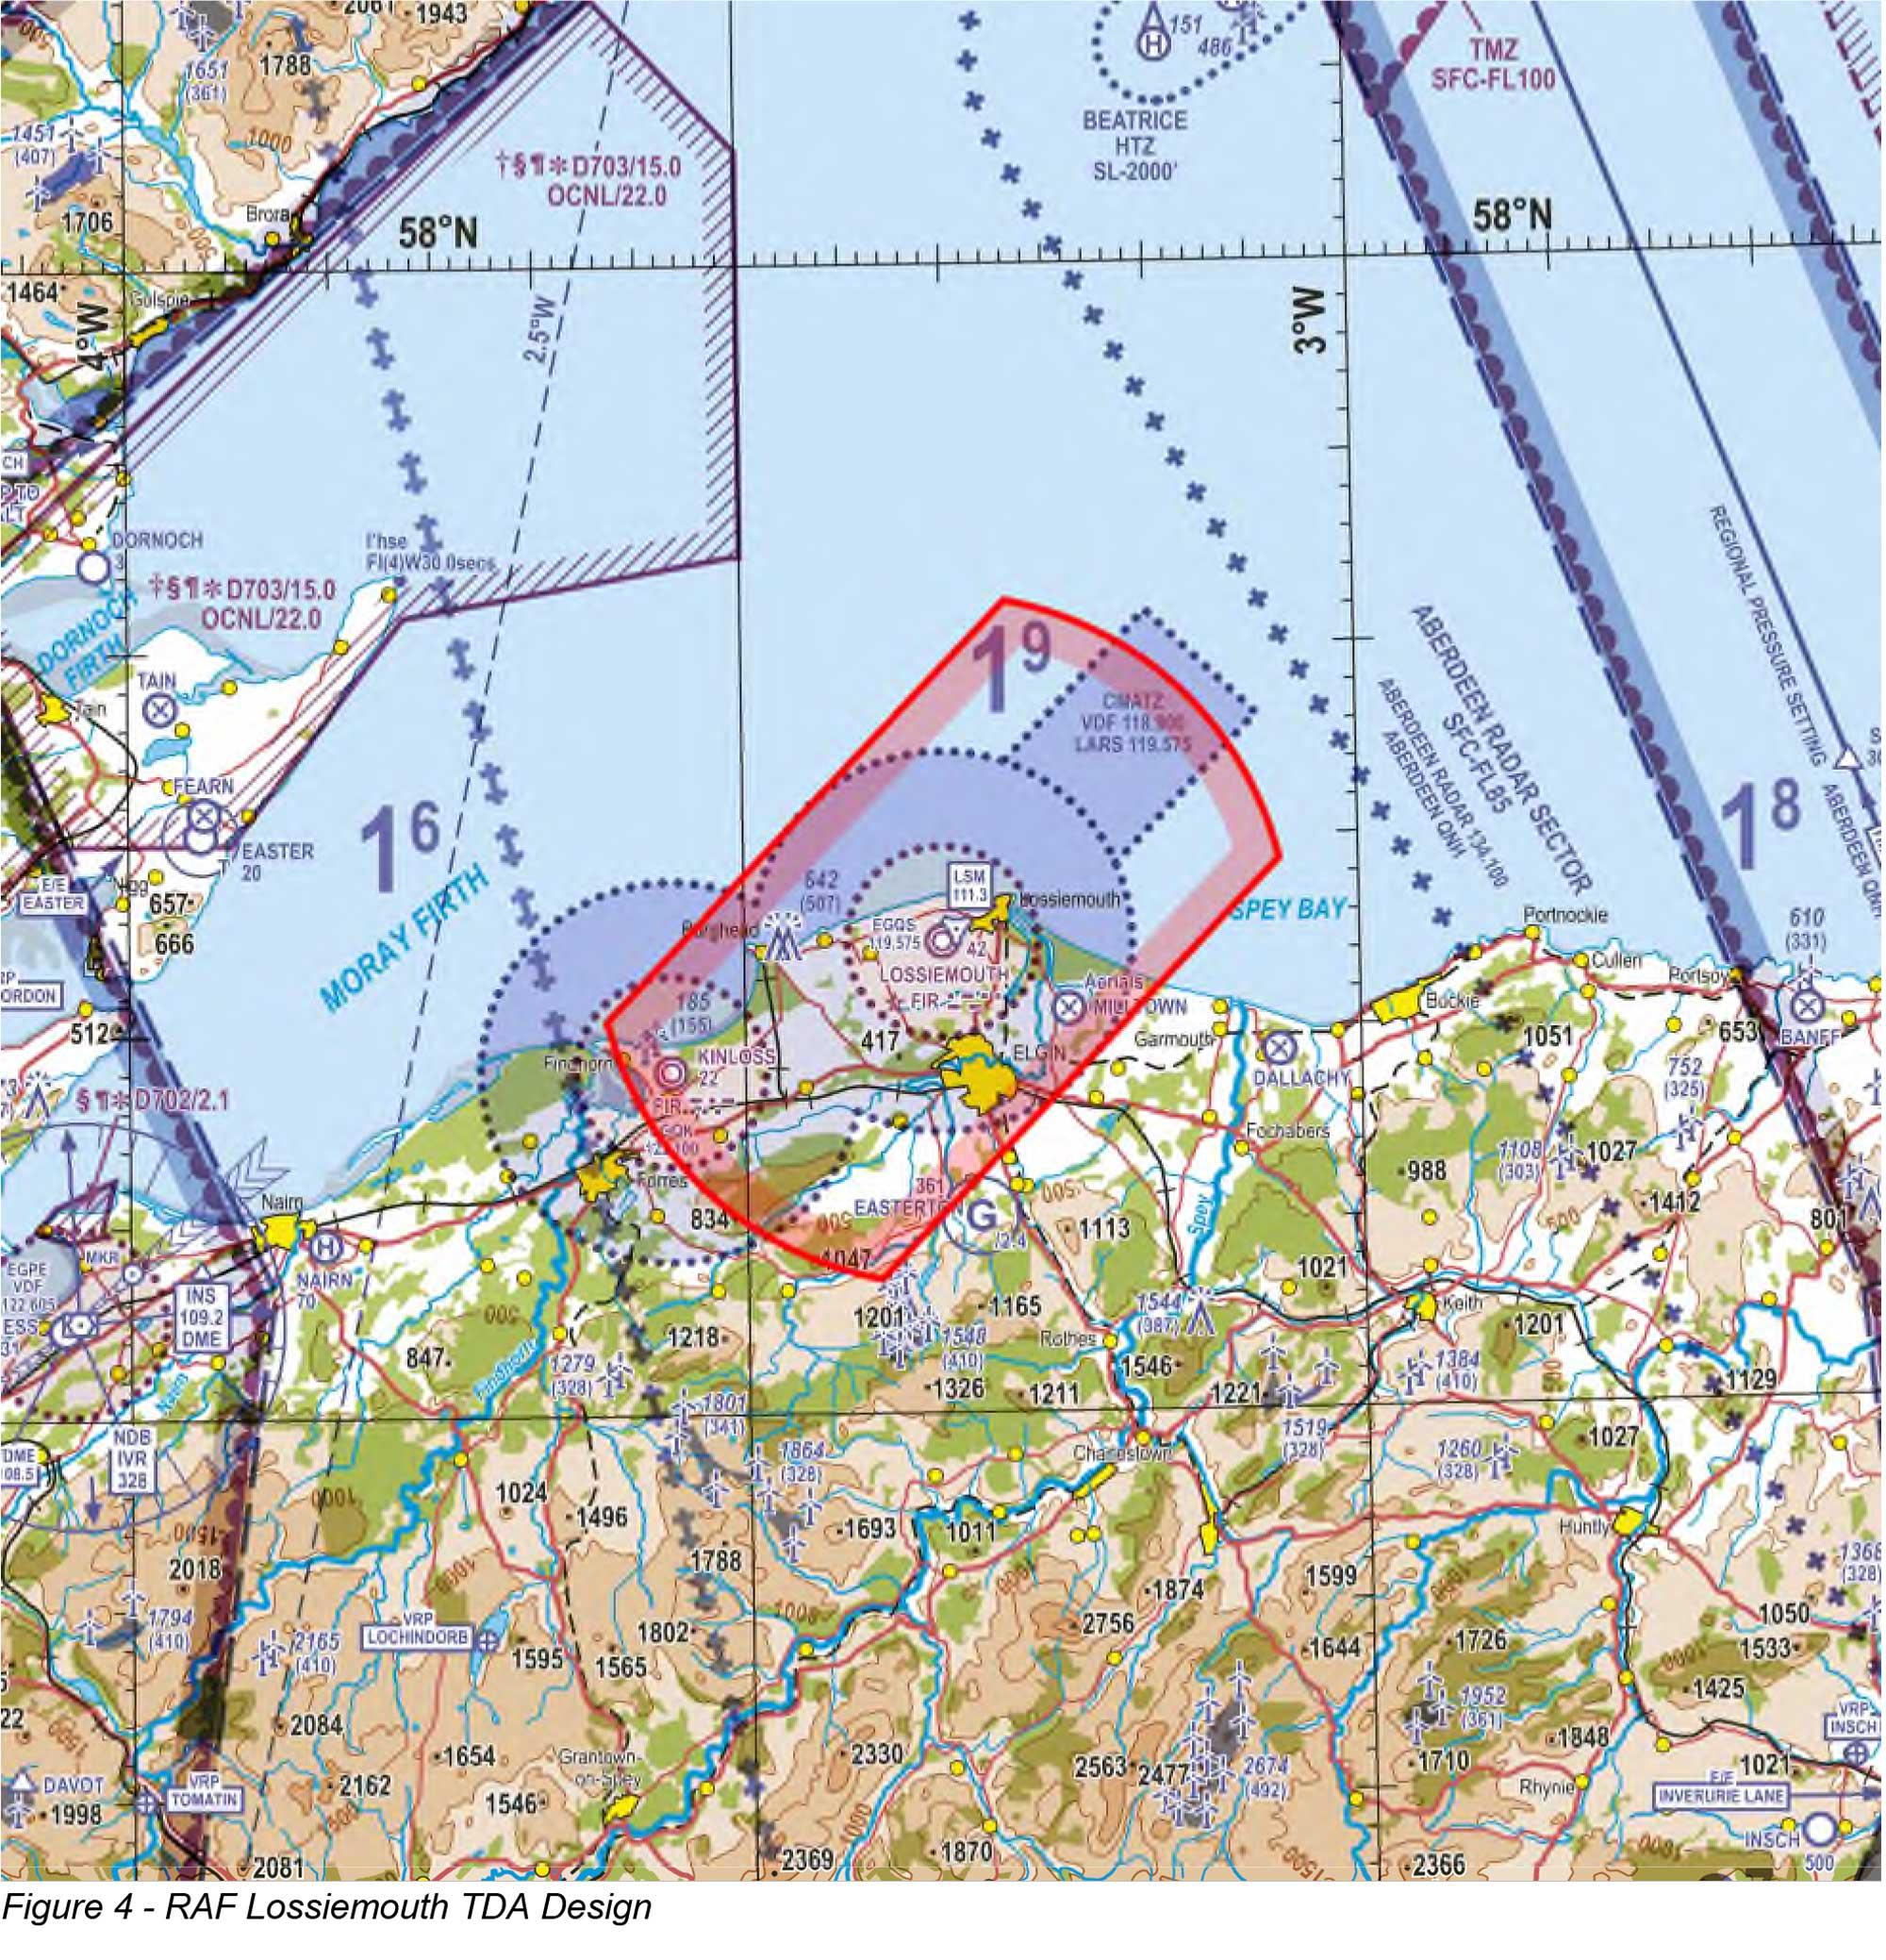 RAF Lossiemouth TDA